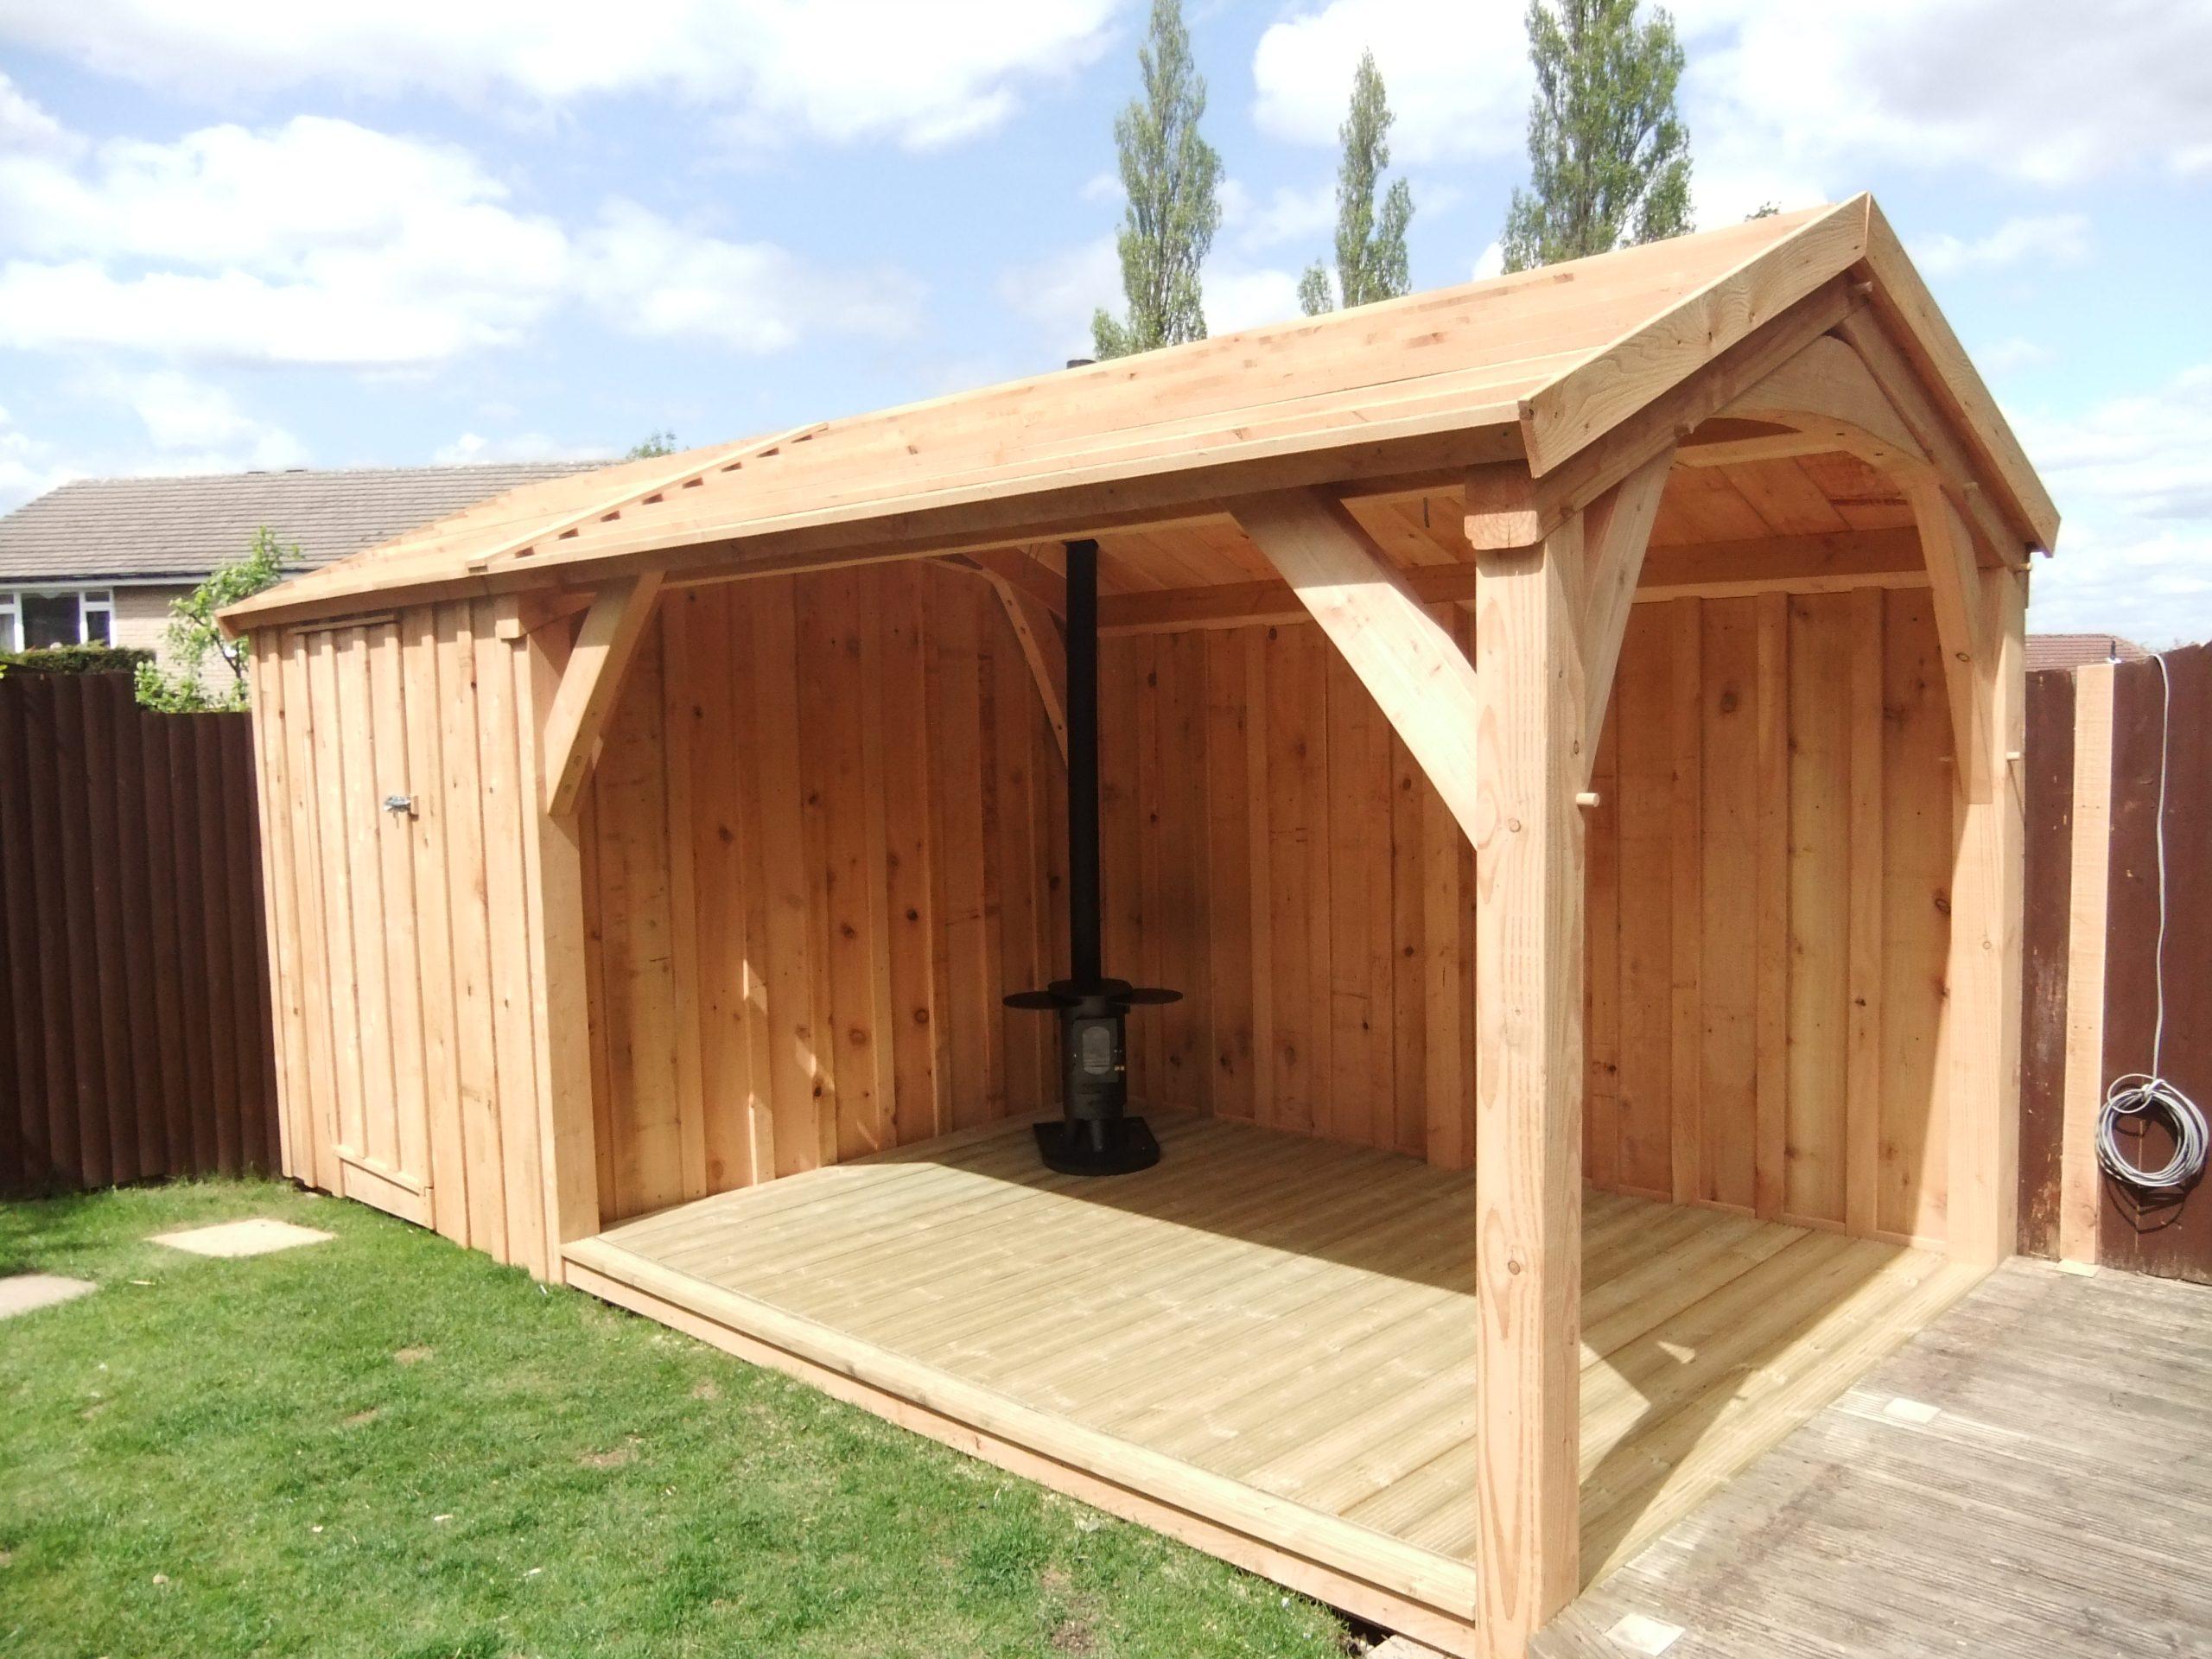 Timber Framed Garden Shelter